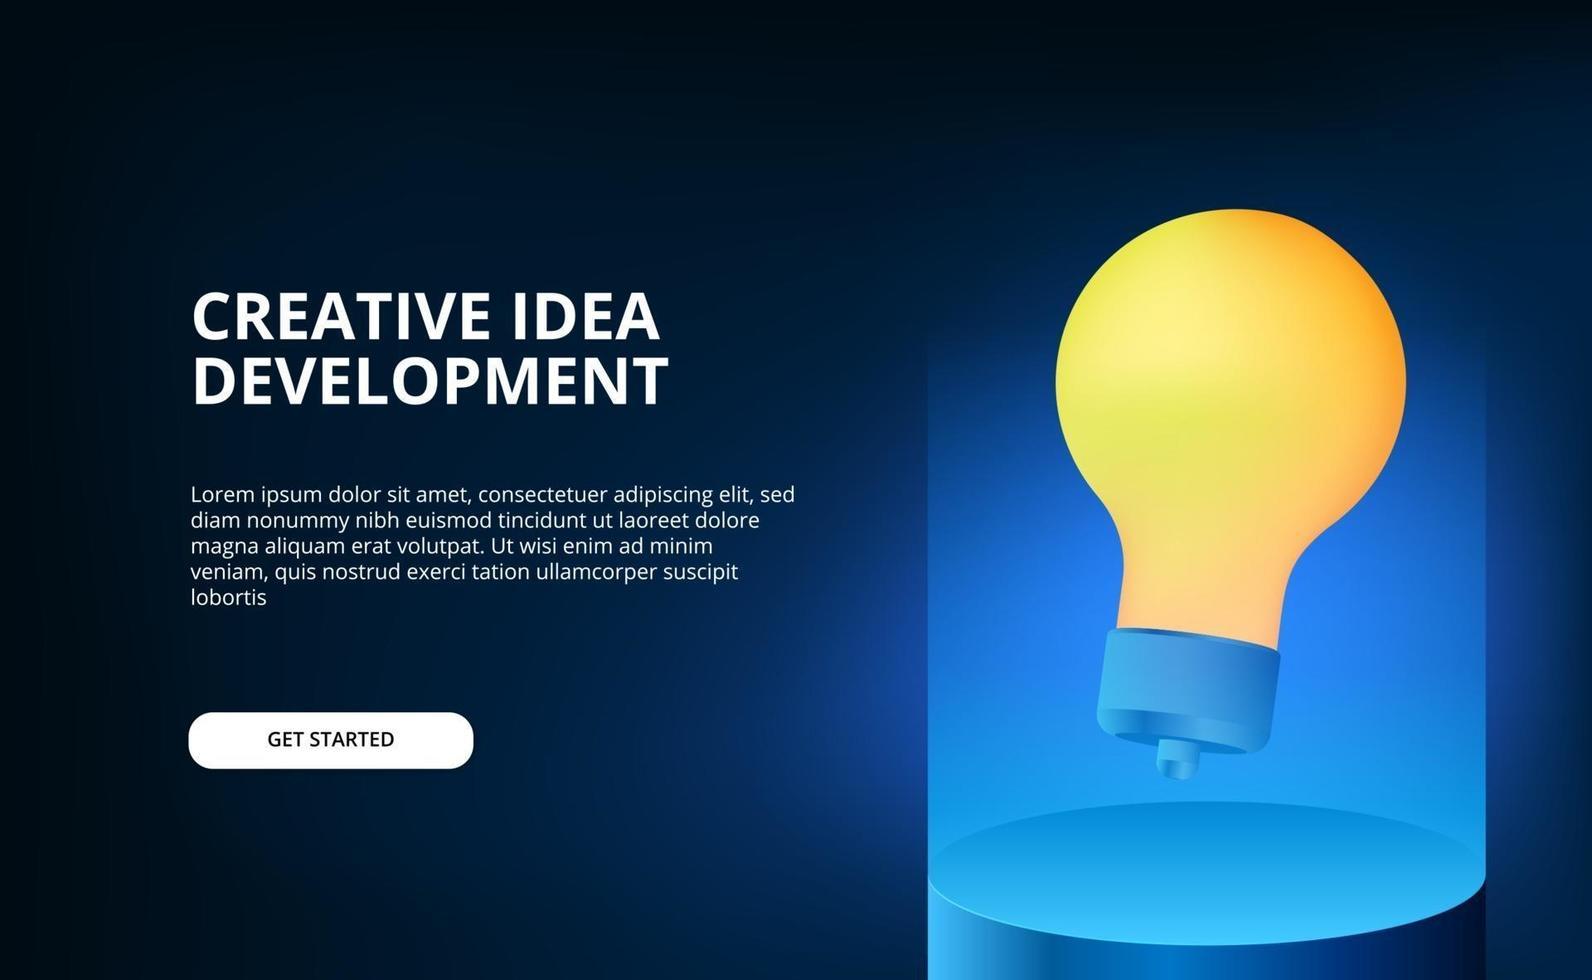 modern blå belysningsfärg med flytande 3d gul lampillustration för kreativ idé och brainstorming. vektor